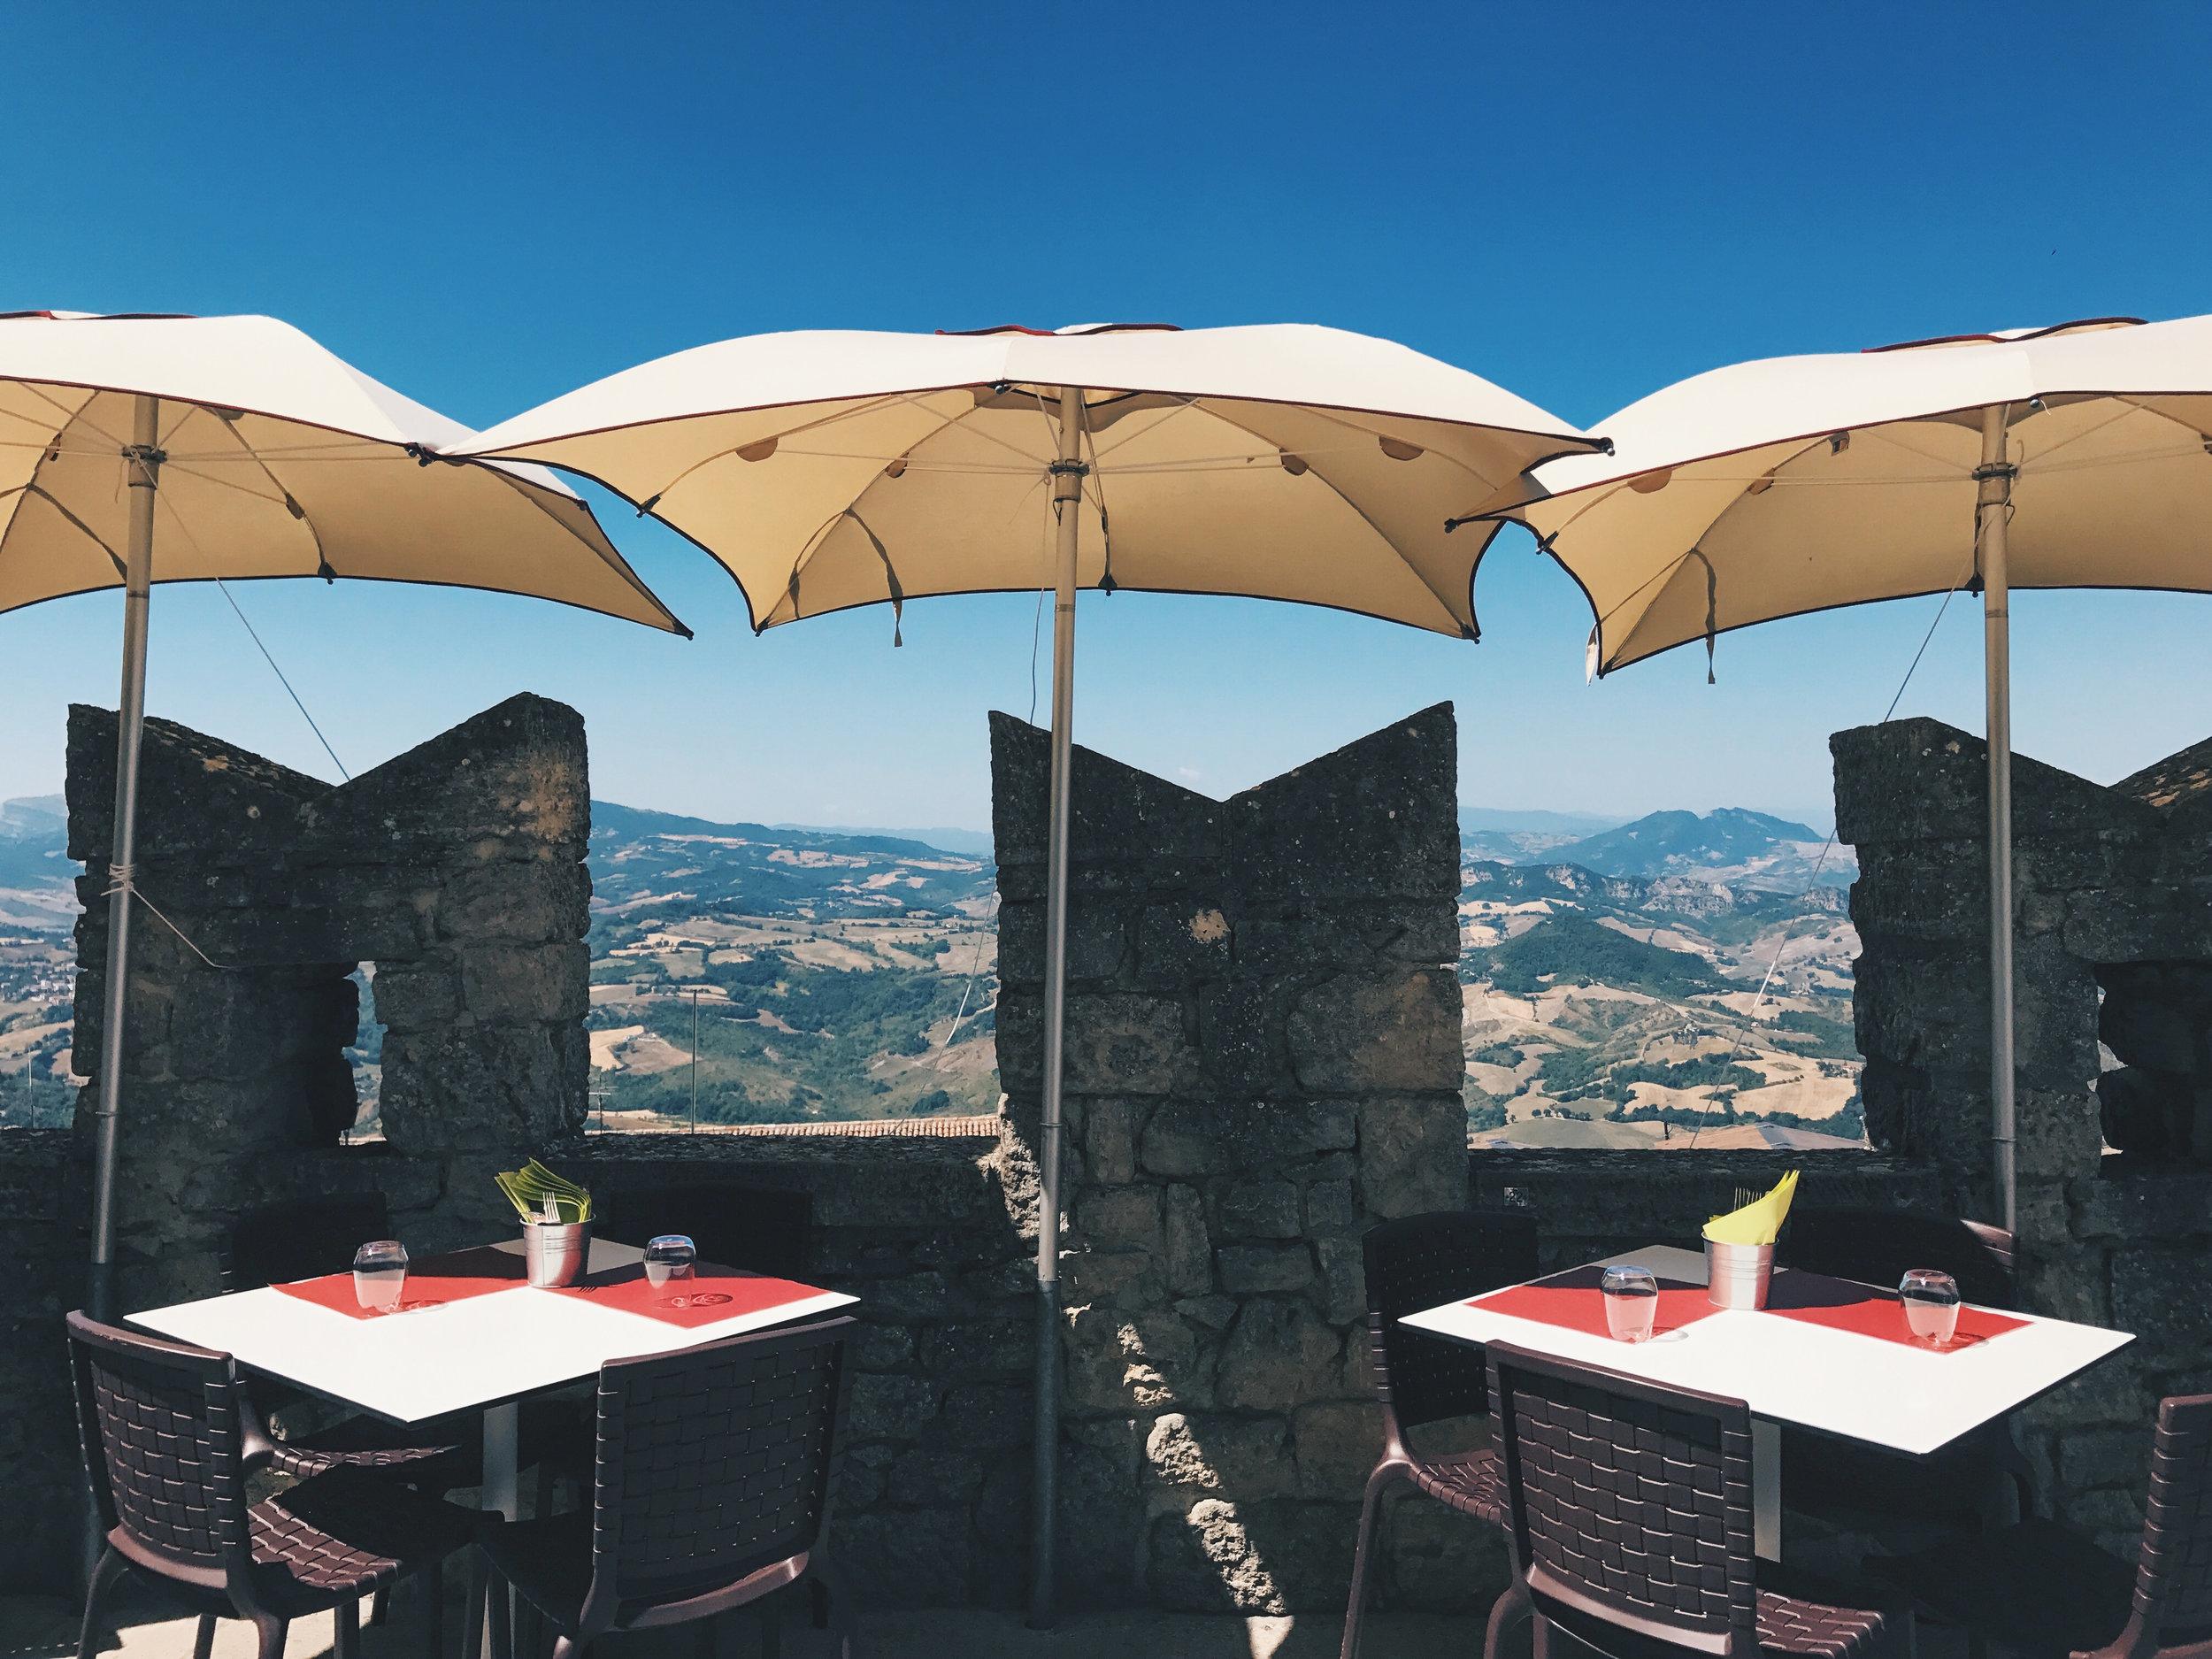 Italy-San Marino-1.jpg